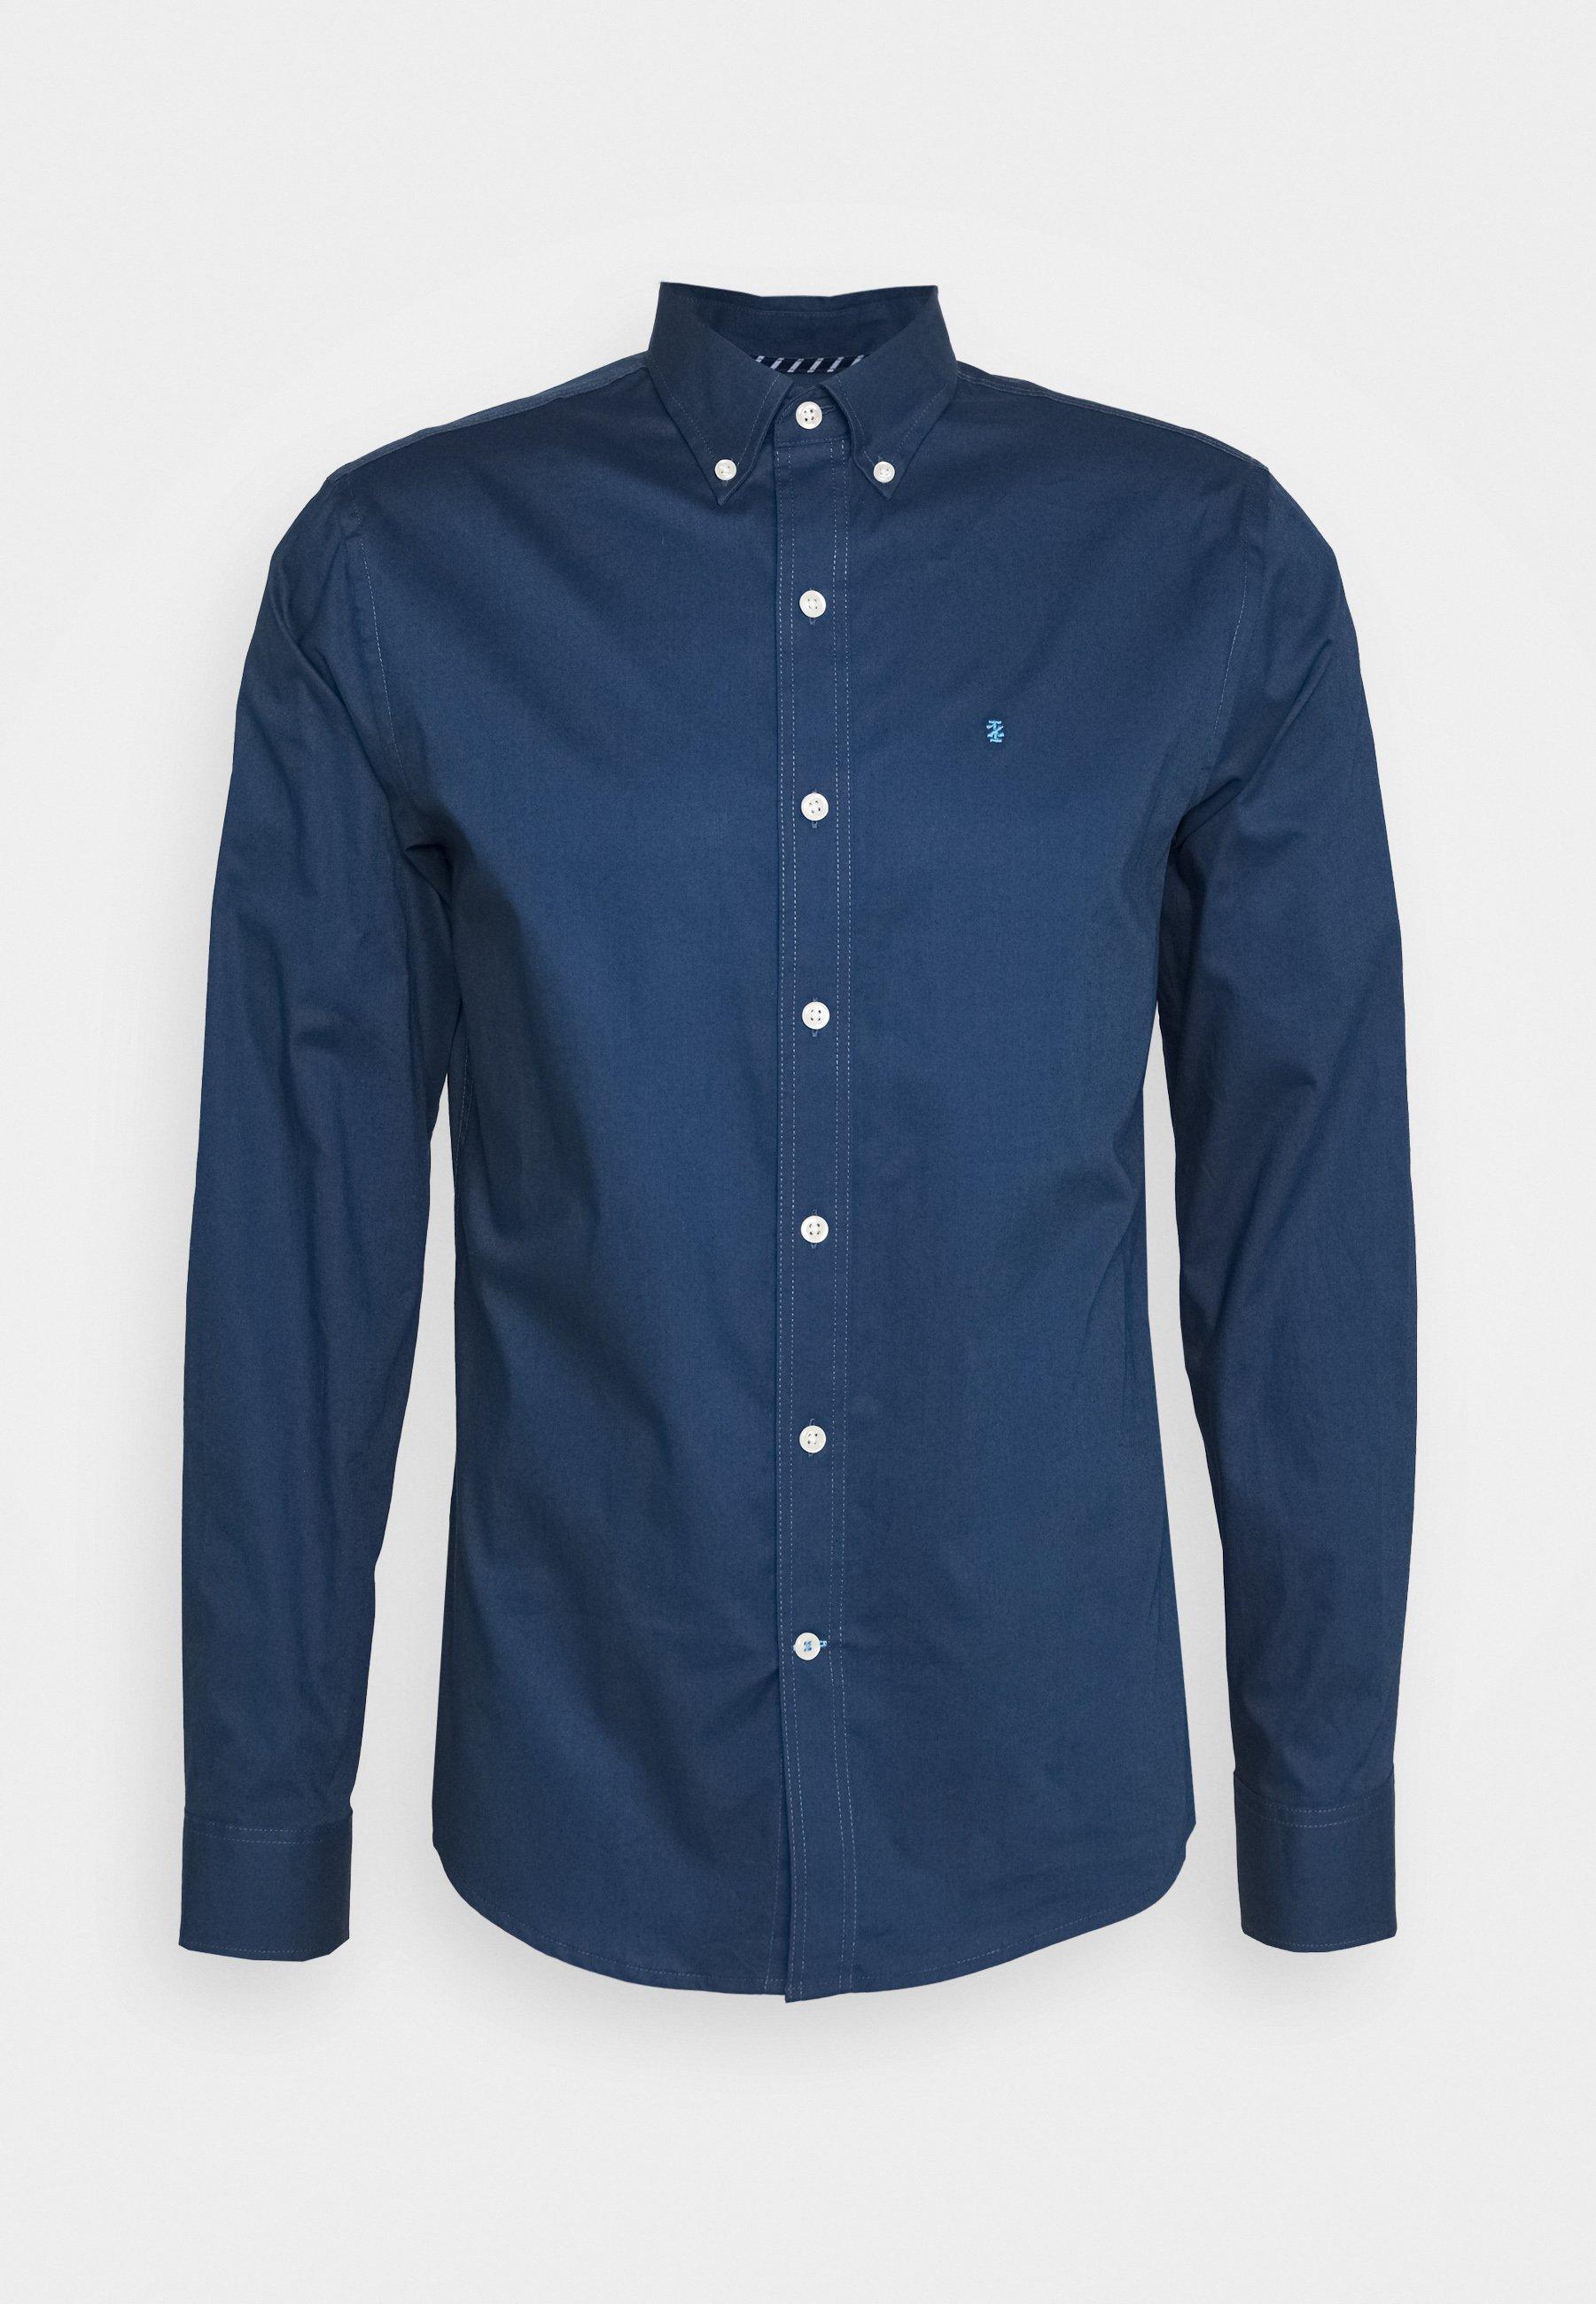 Izod Poplin Solid - Finskjorte Cadet/navy/mørkeblå